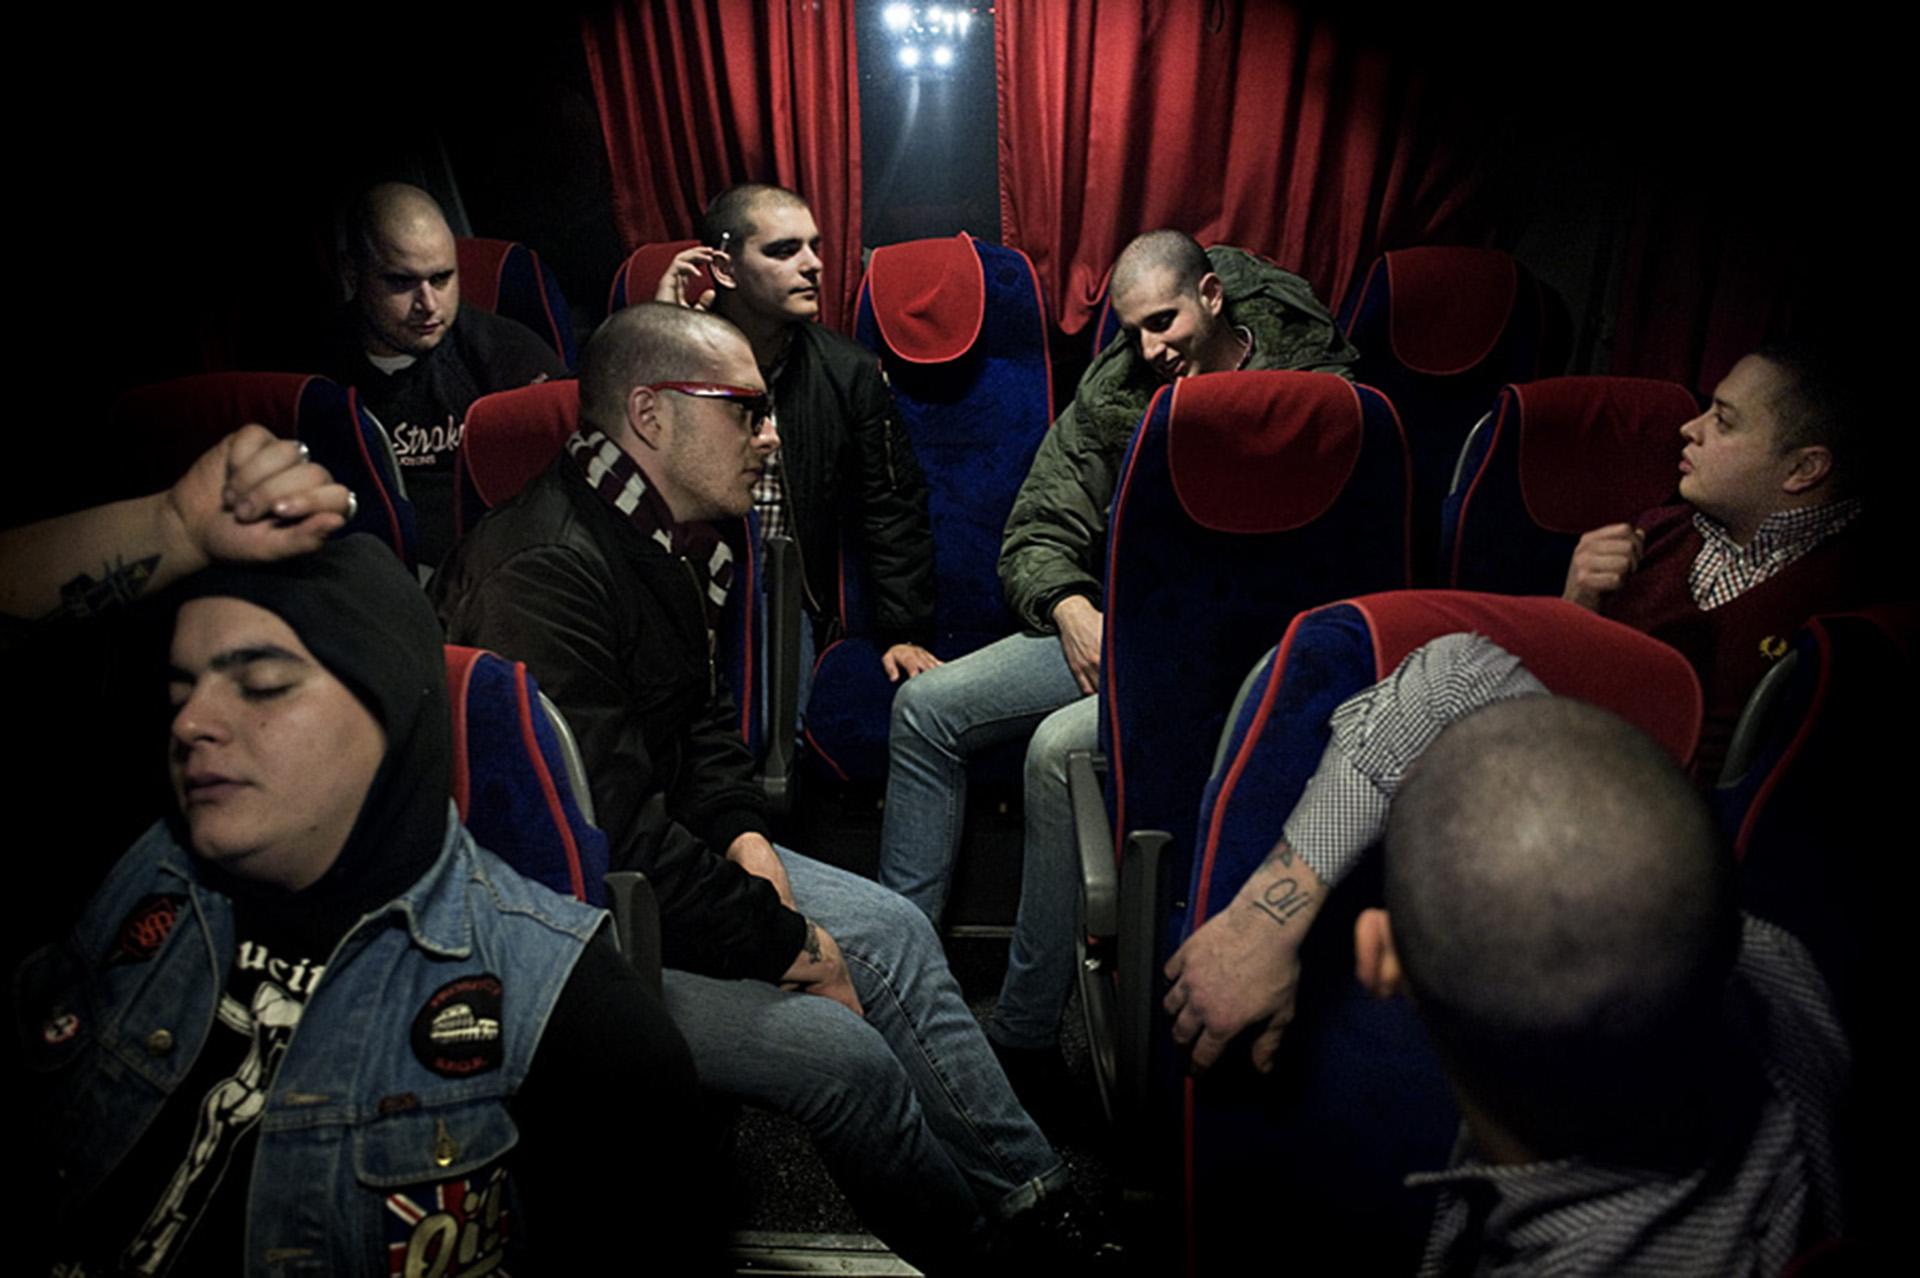 Roma Skin-Head viajan a un concierto en el sur de Italia